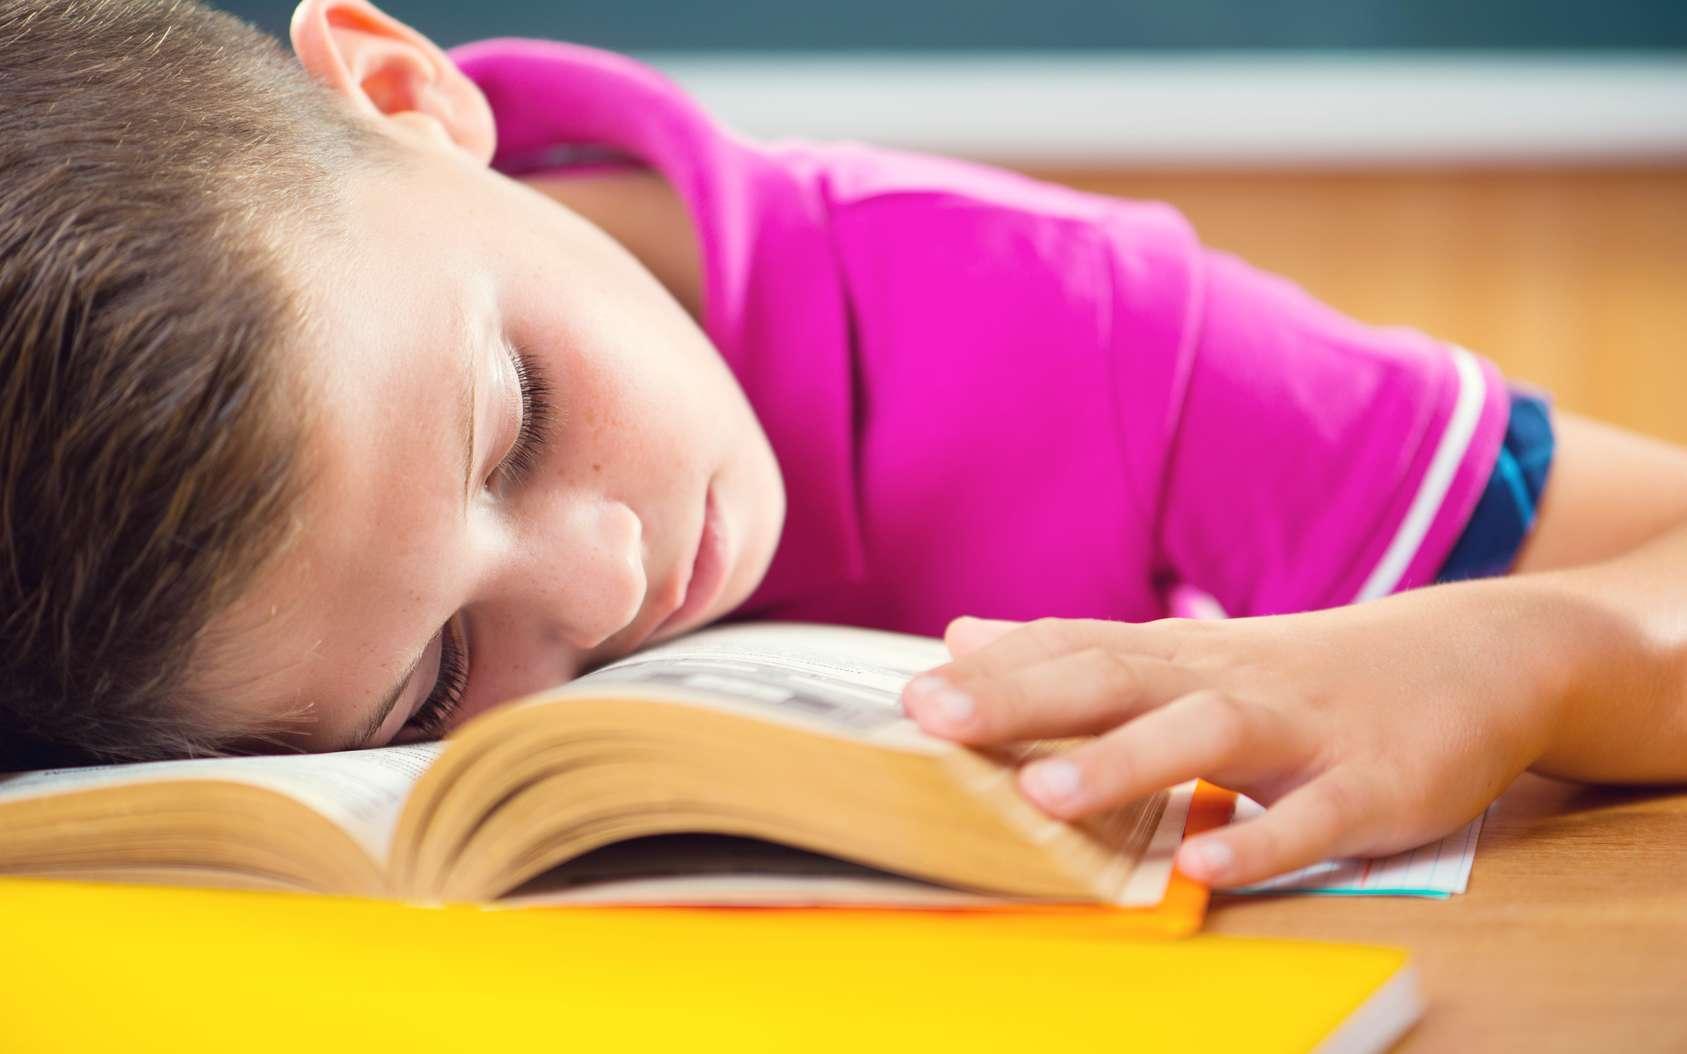 Cet élève endormi pourrait bien être en train de réviser ses leçons, à condition qu'il entende celles-ci répétées à l'oral. © spass, Fotolia